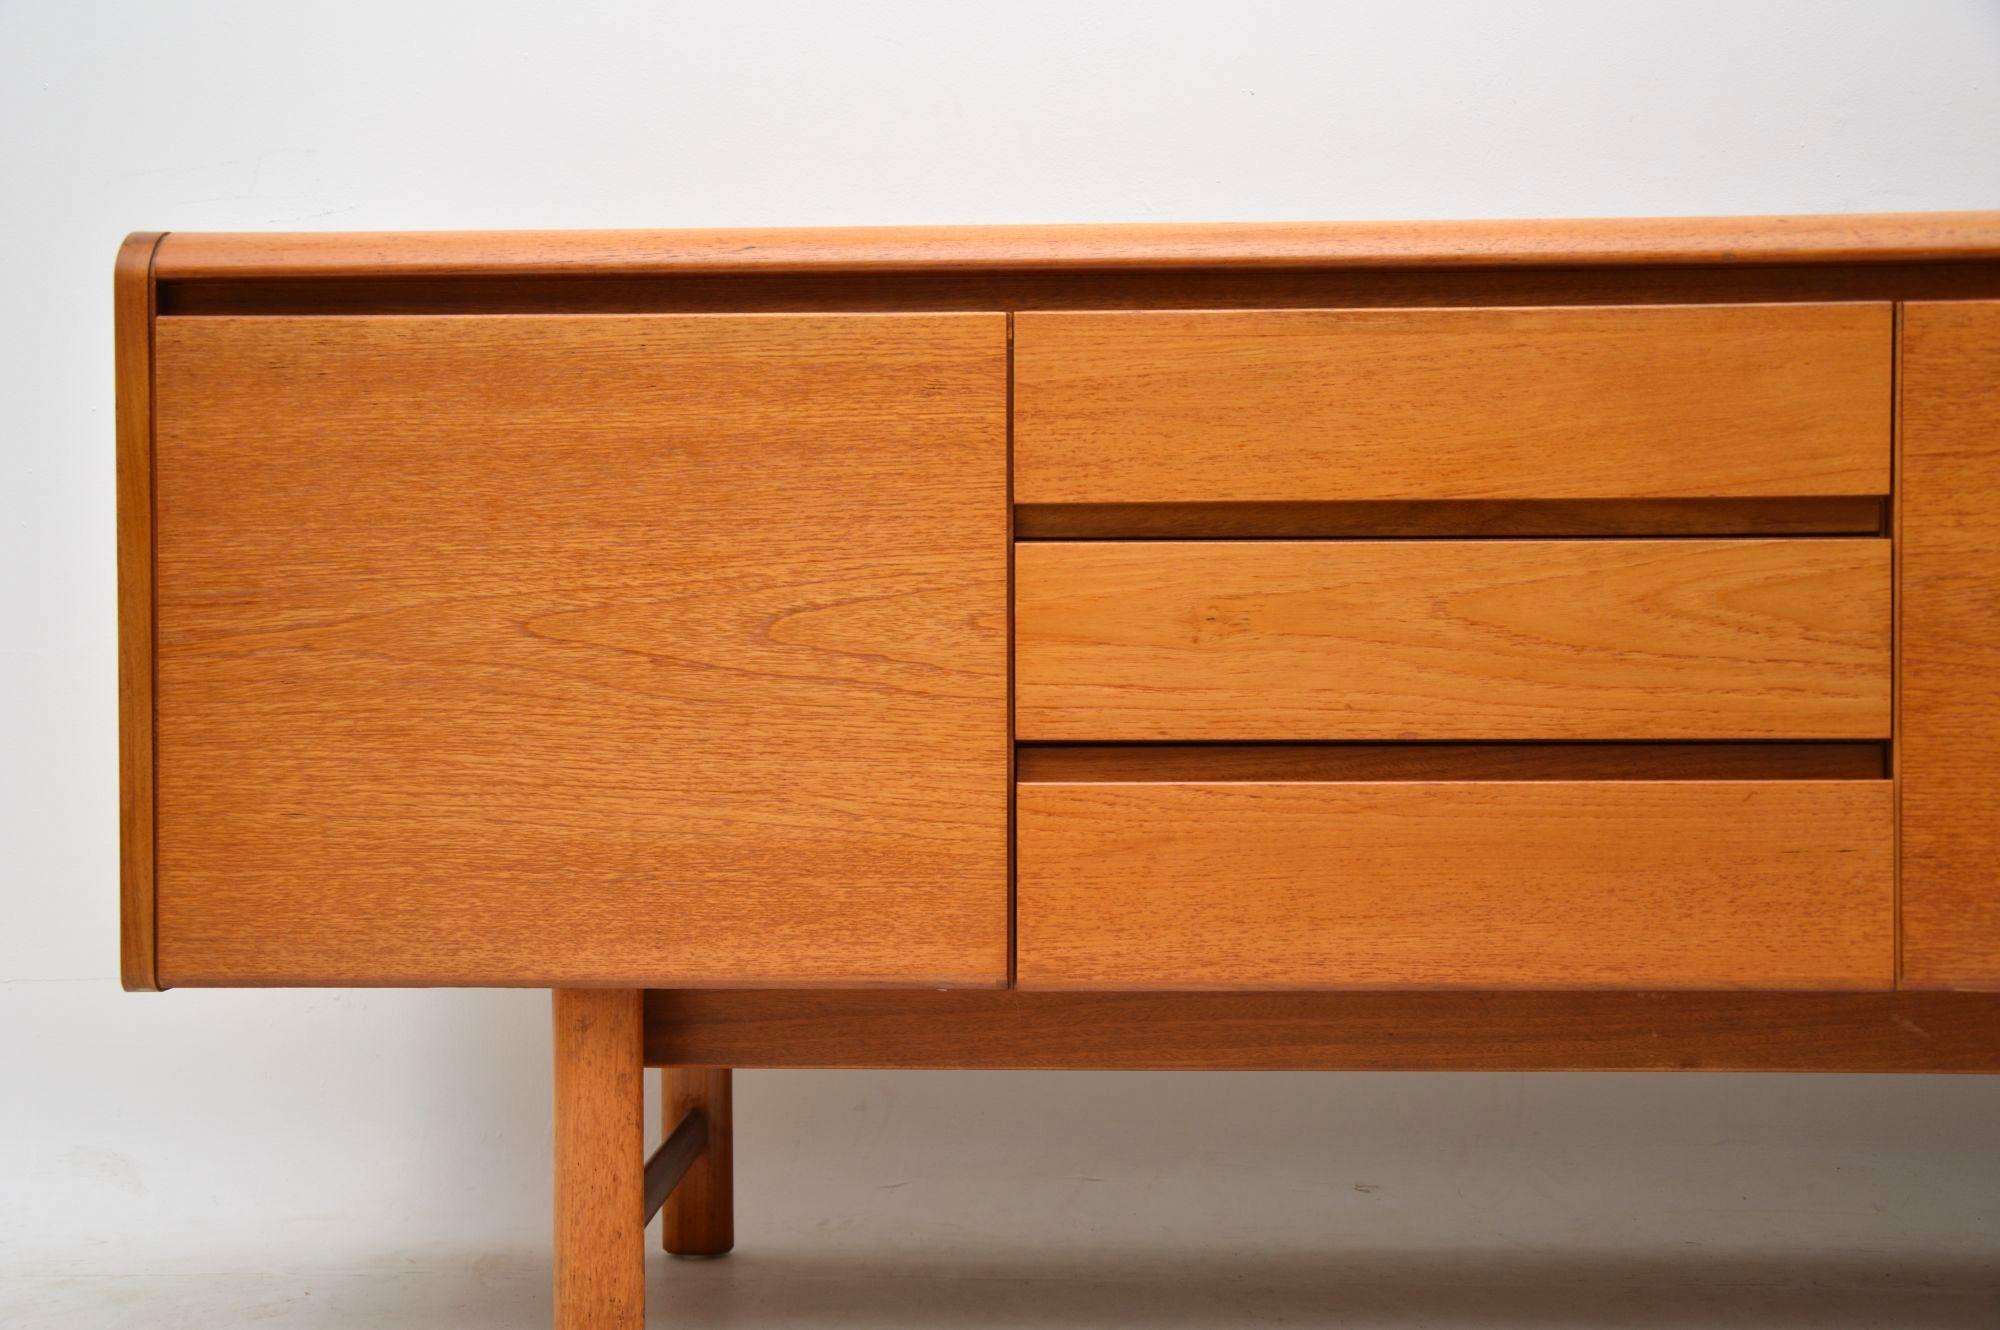 1960 s vintage teak sideboard by white newton retrospective interiors vintage furniture. Black Bedroom Furniture Sets. Home Design Ideas